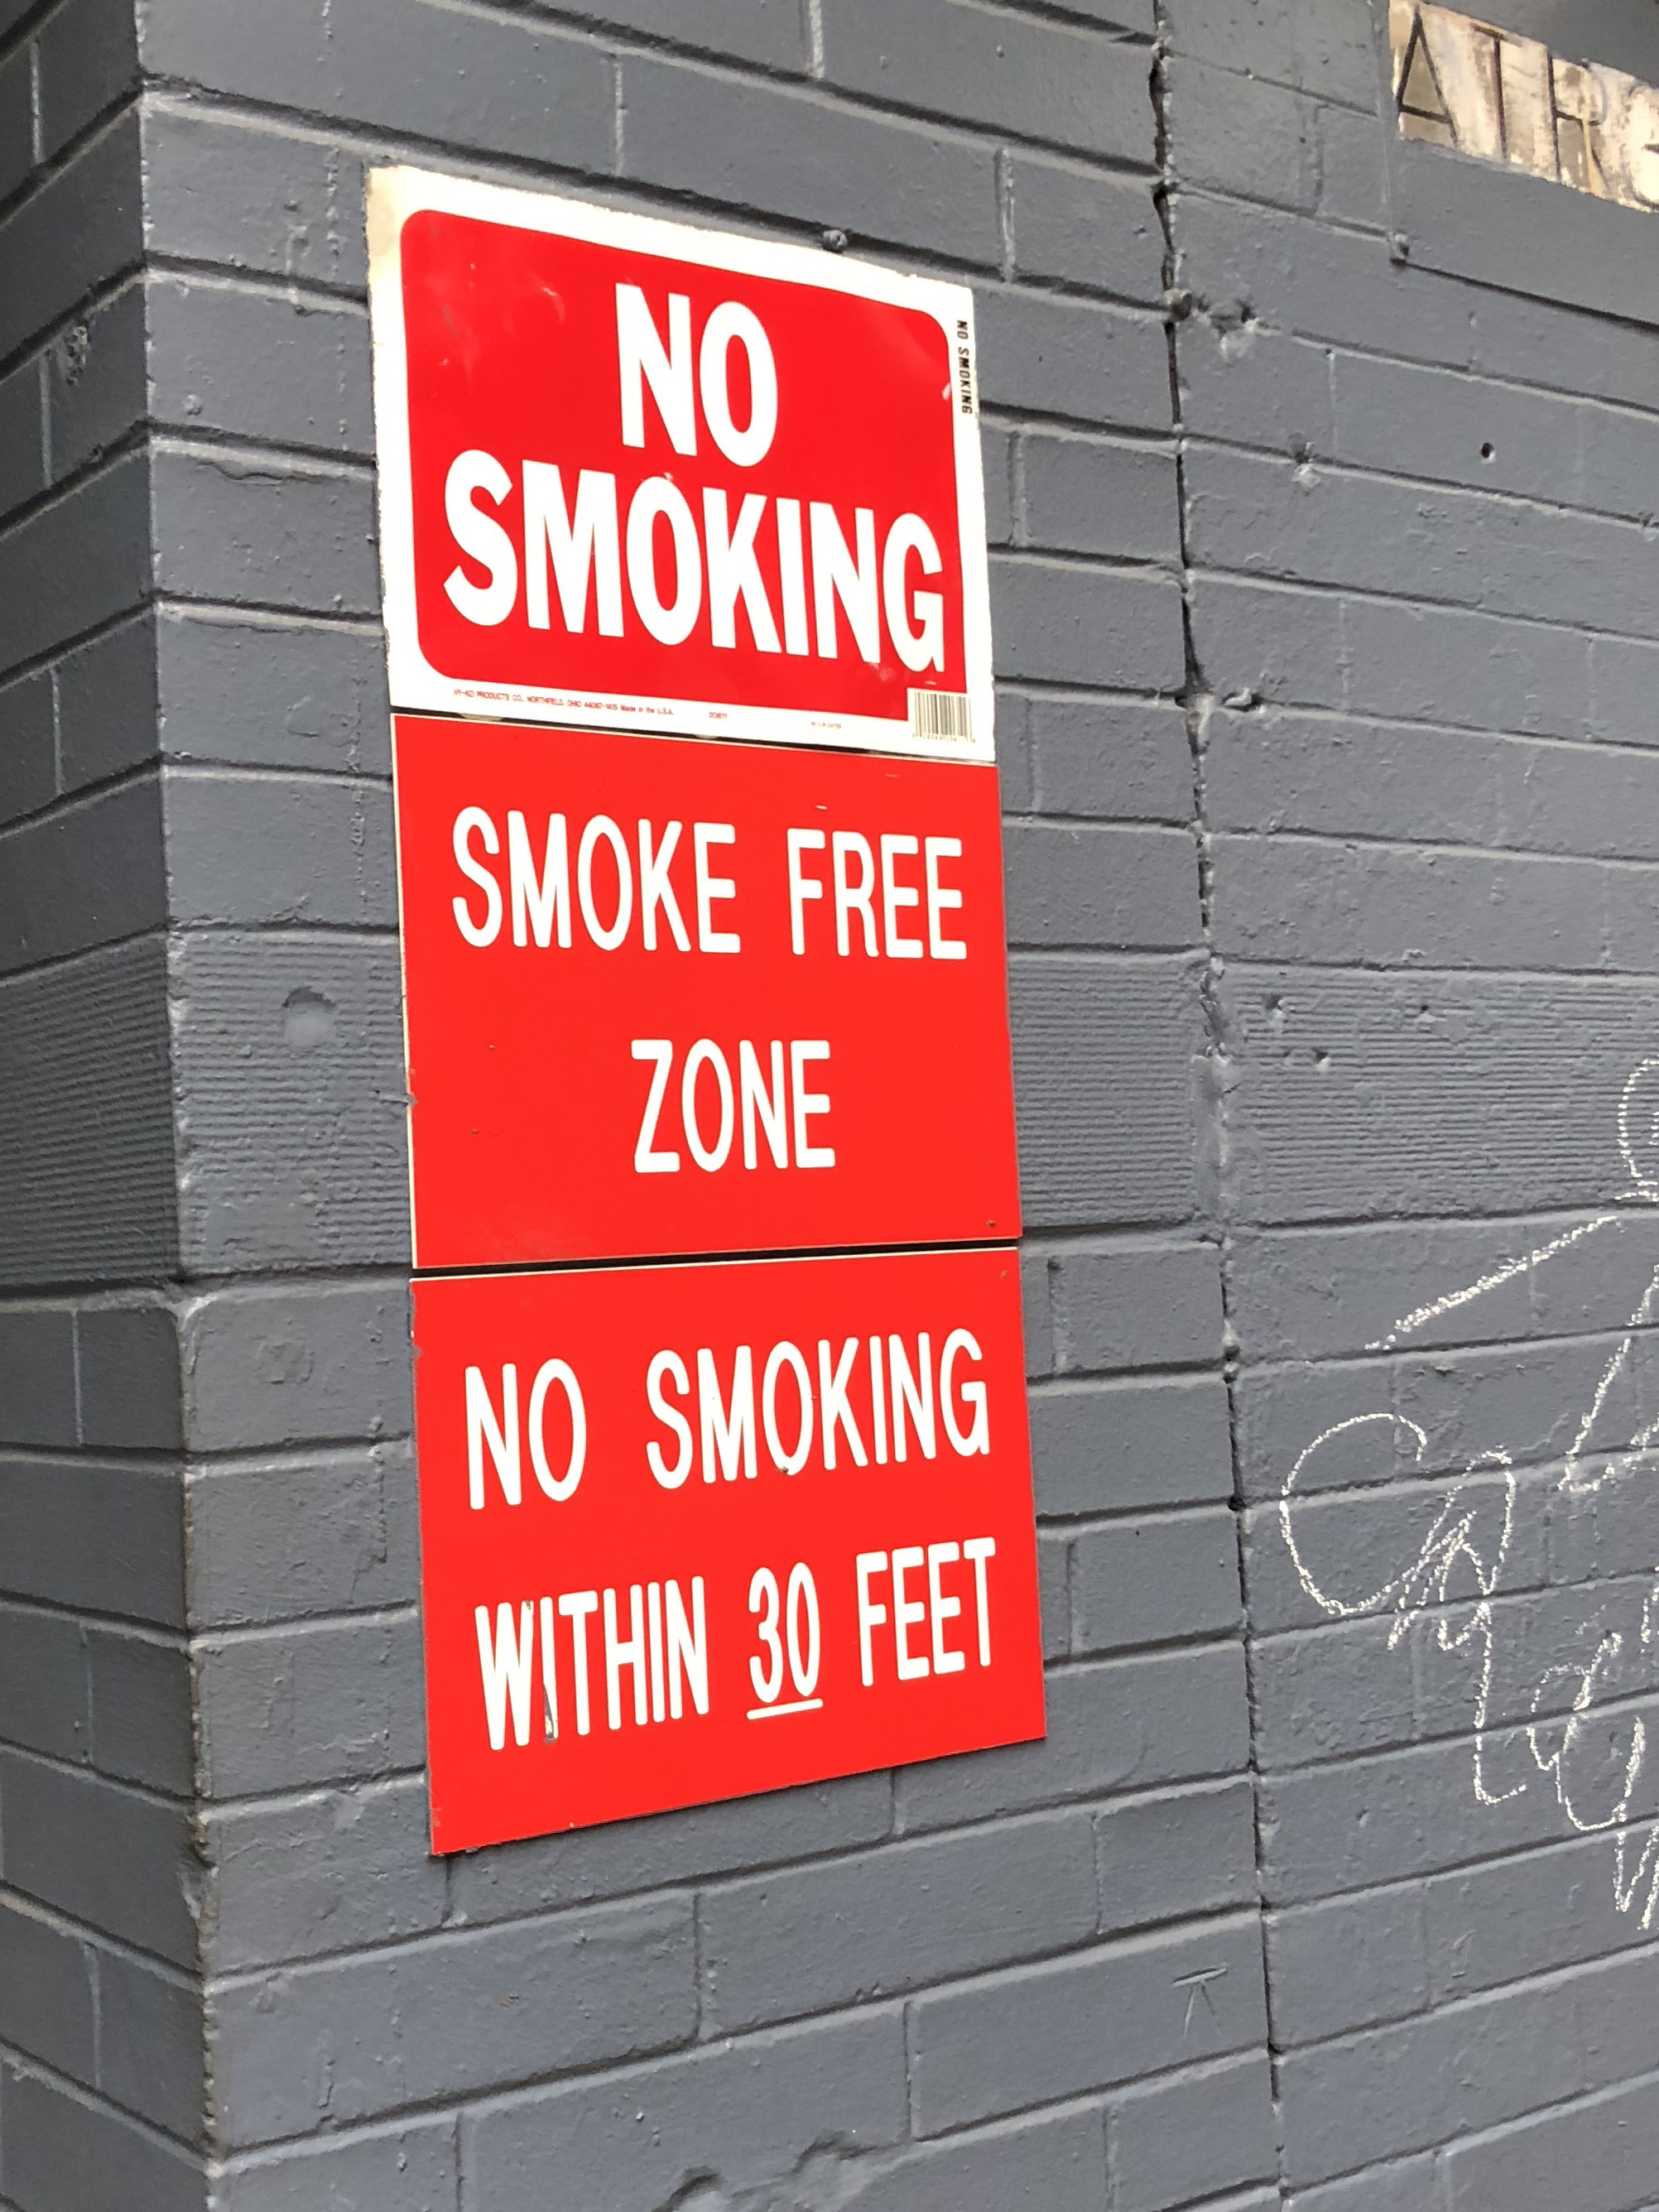 No smoking3.jpg